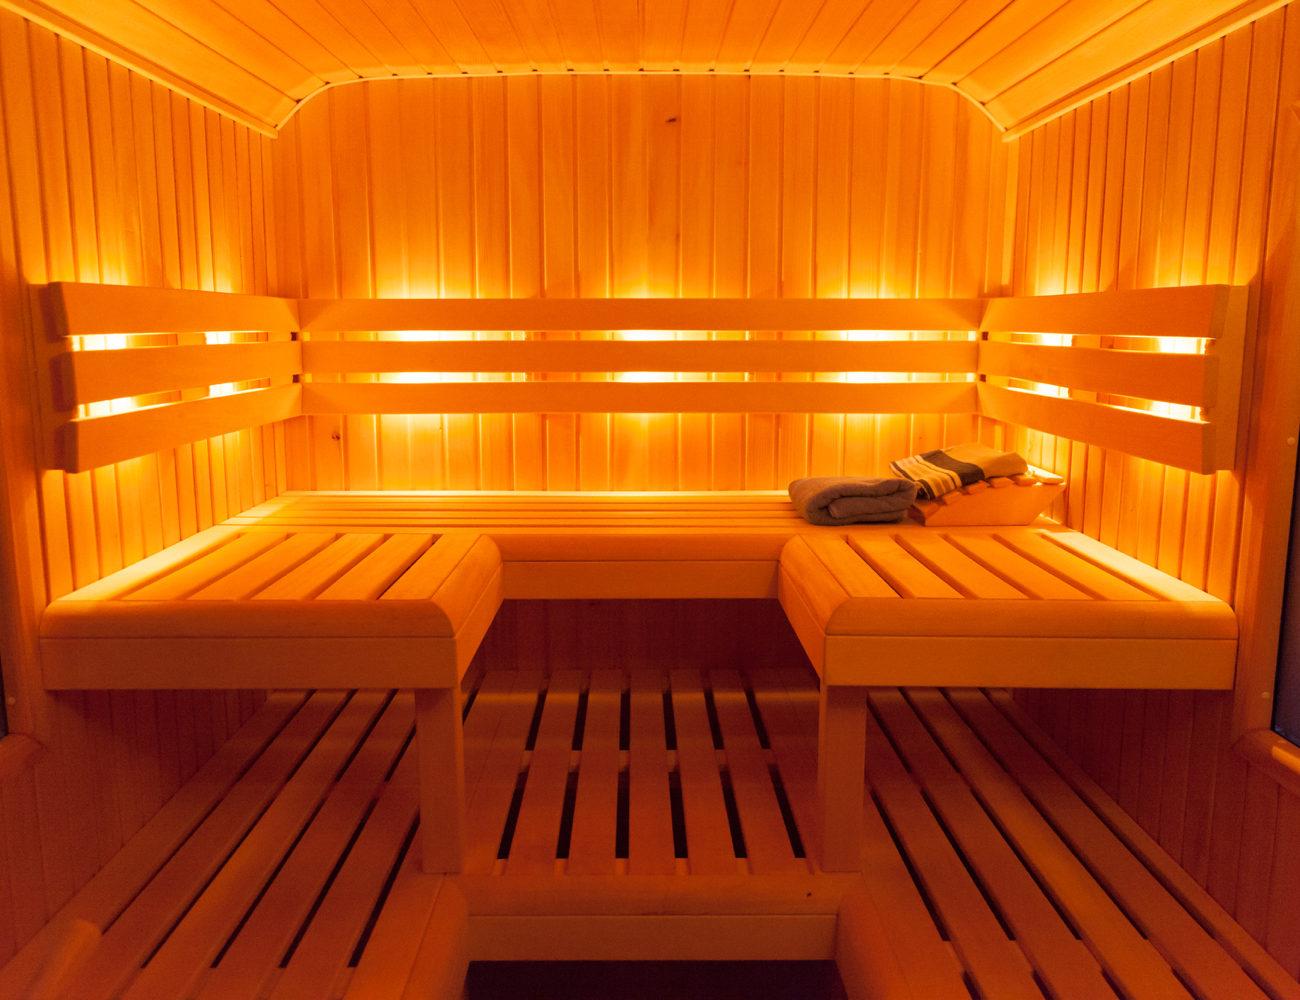 Houten ligbanken in de sauna